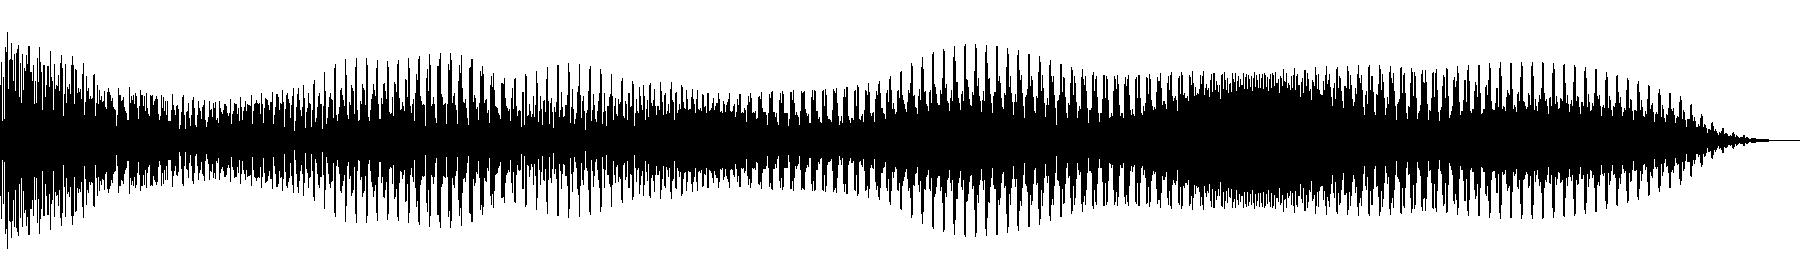 vedh bass cut 101 f